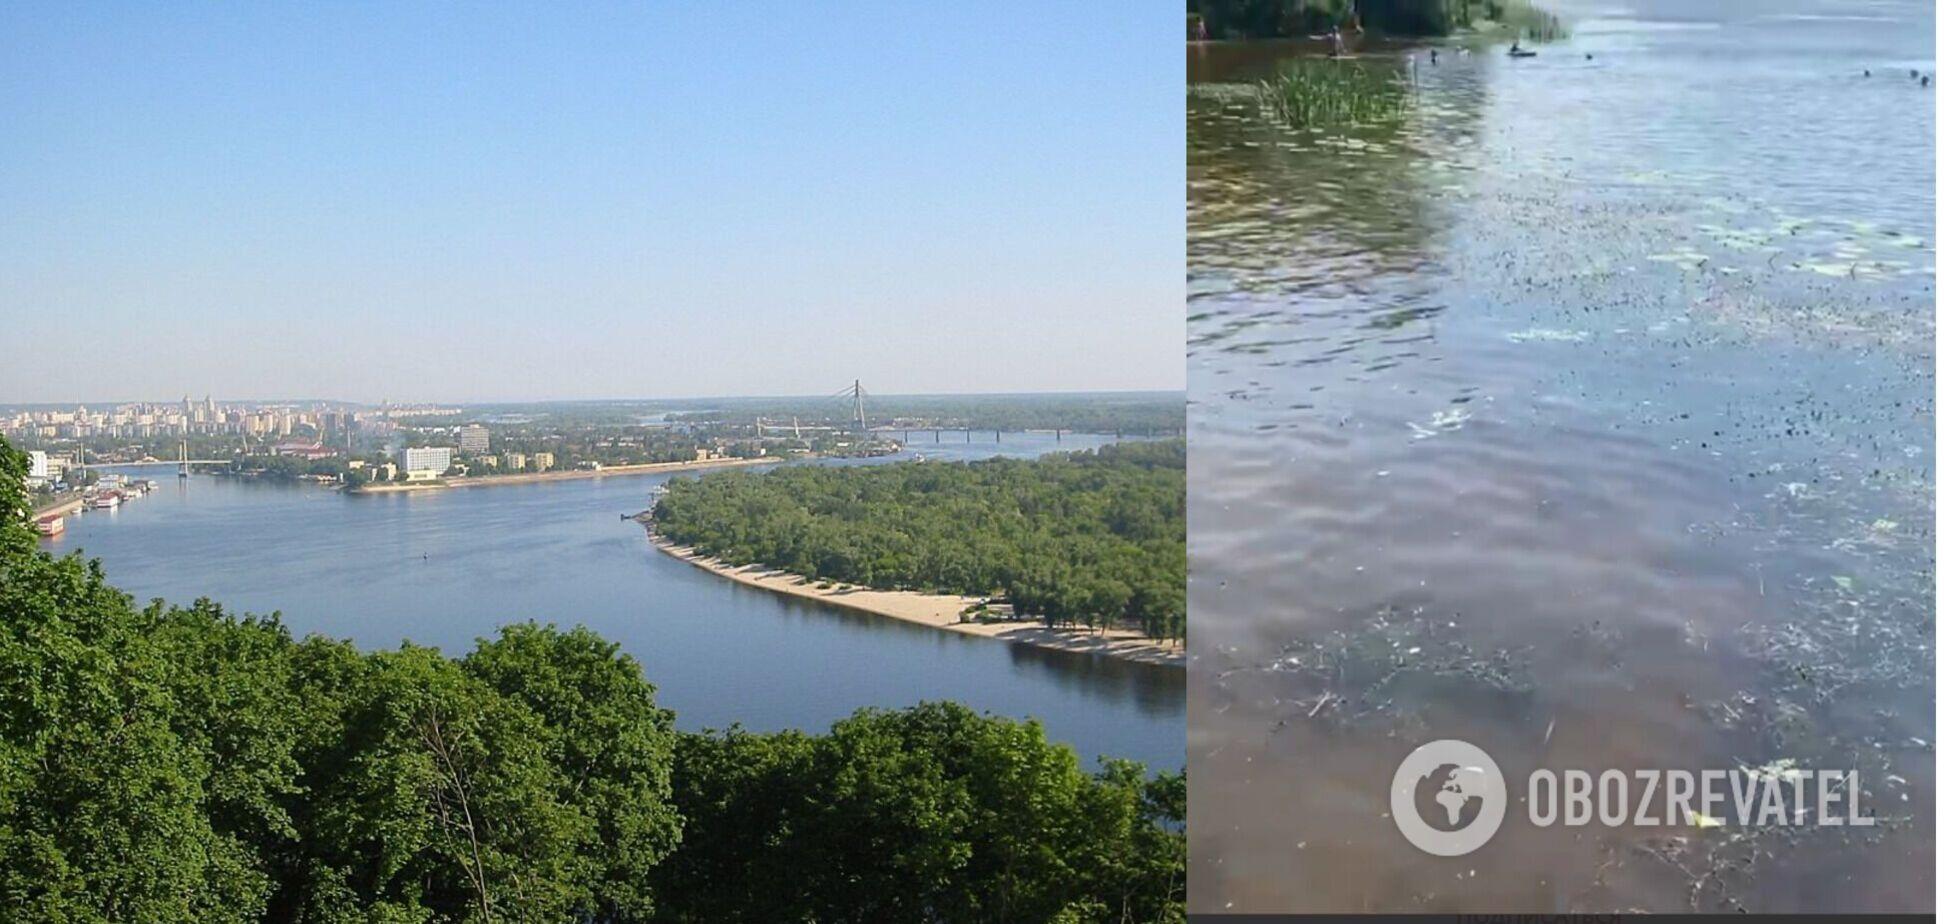 Дніпро в Києві раптово змінив колір. Відео з висоти пташиного польоту